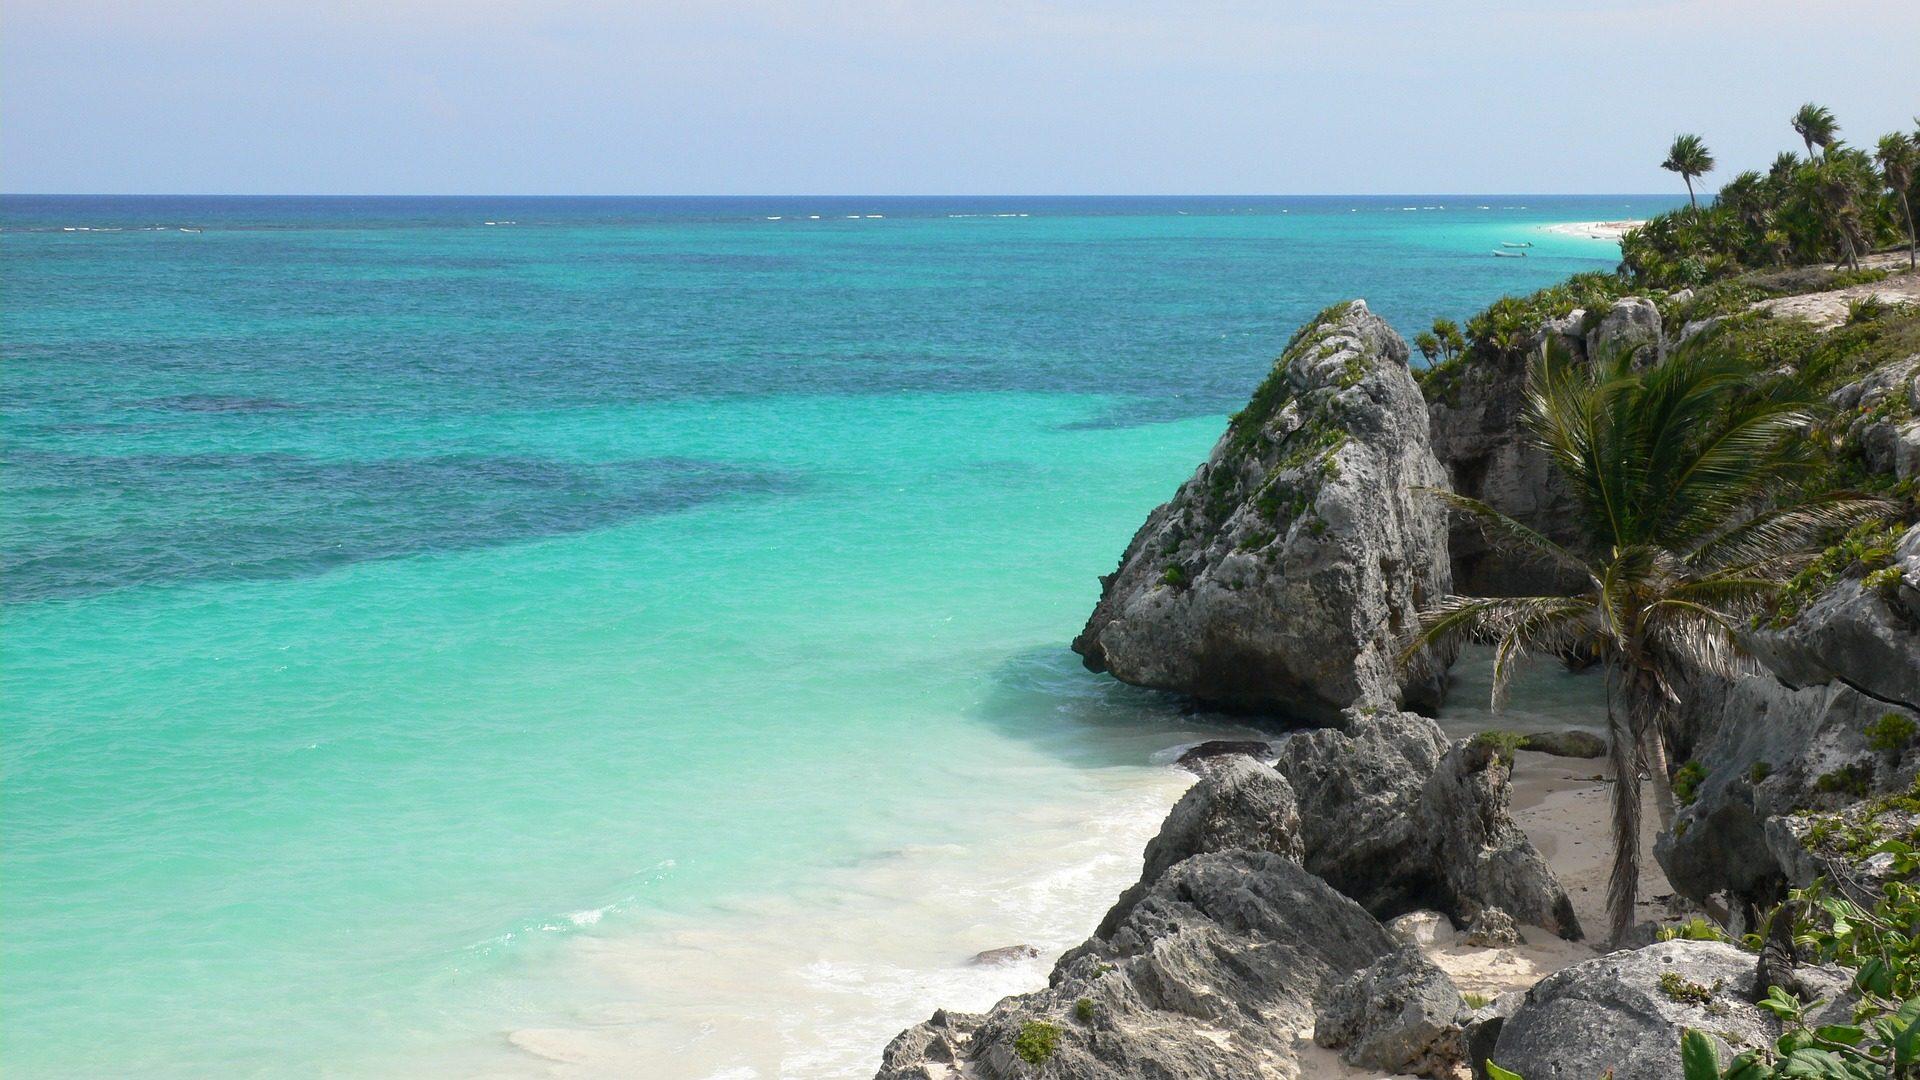 Mare, Spiaggia, Turchese, Paradise, Rocas, Palme, orizzonte - Sfondi HD - Professor-falken.com